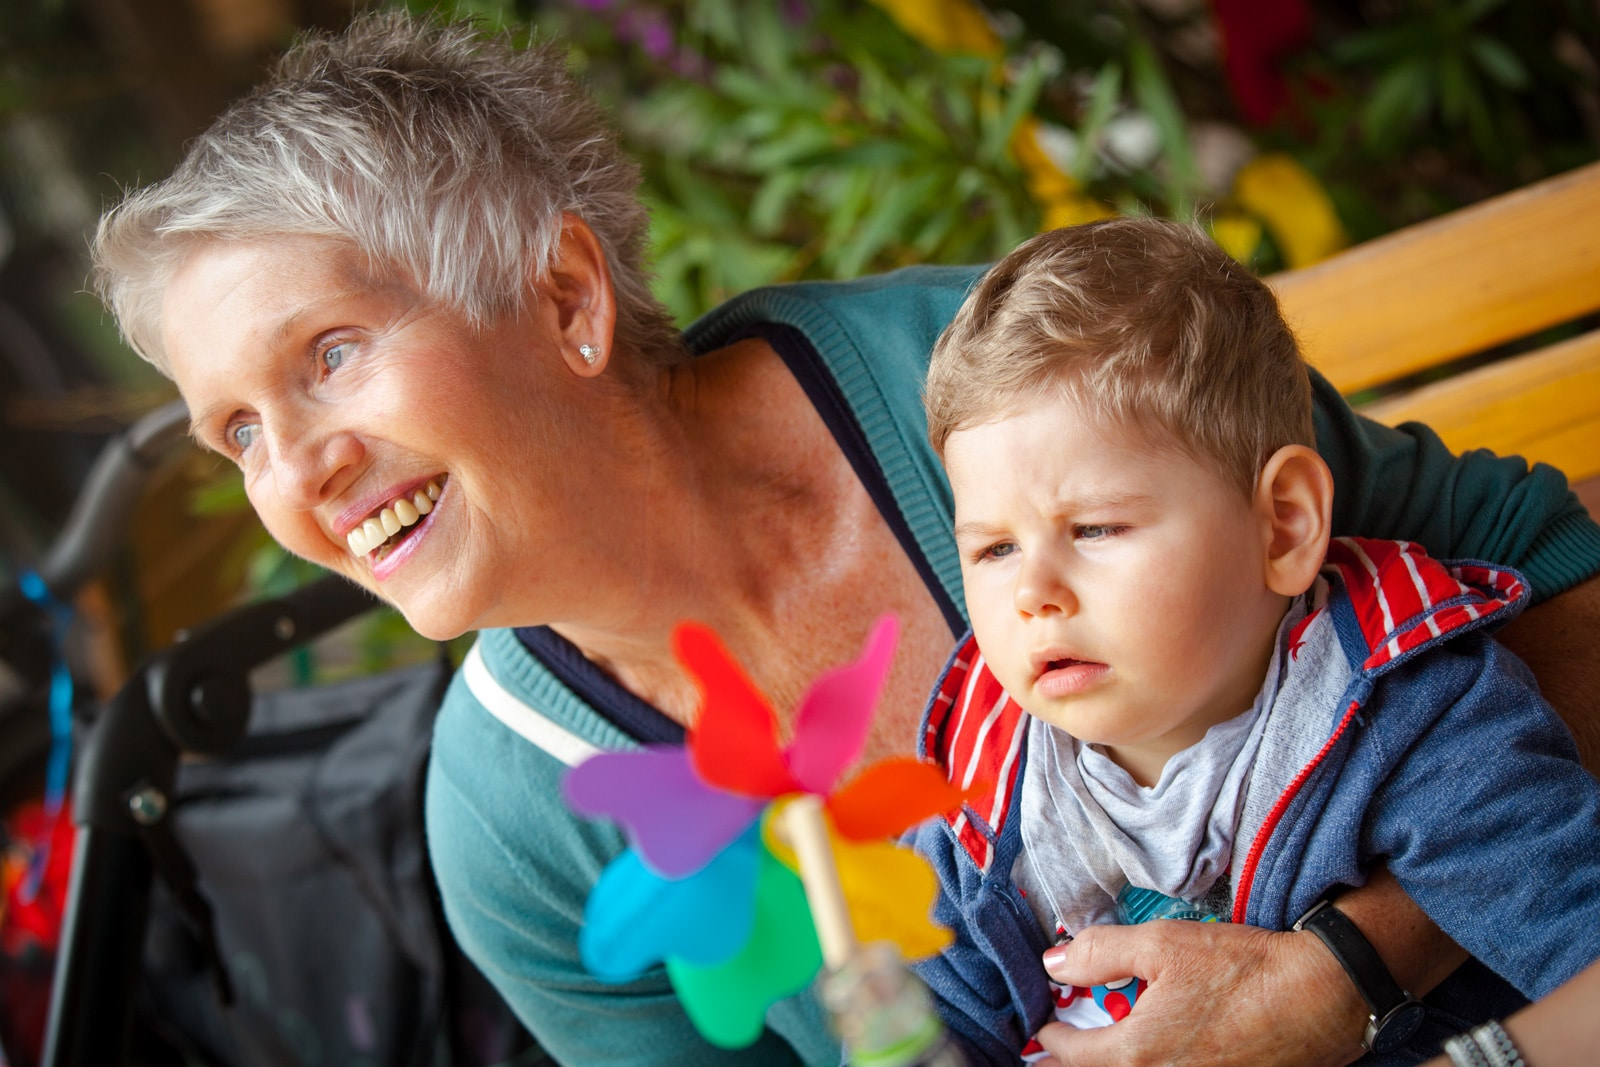 Eine Frau hat ein behindertes Kind im Arm